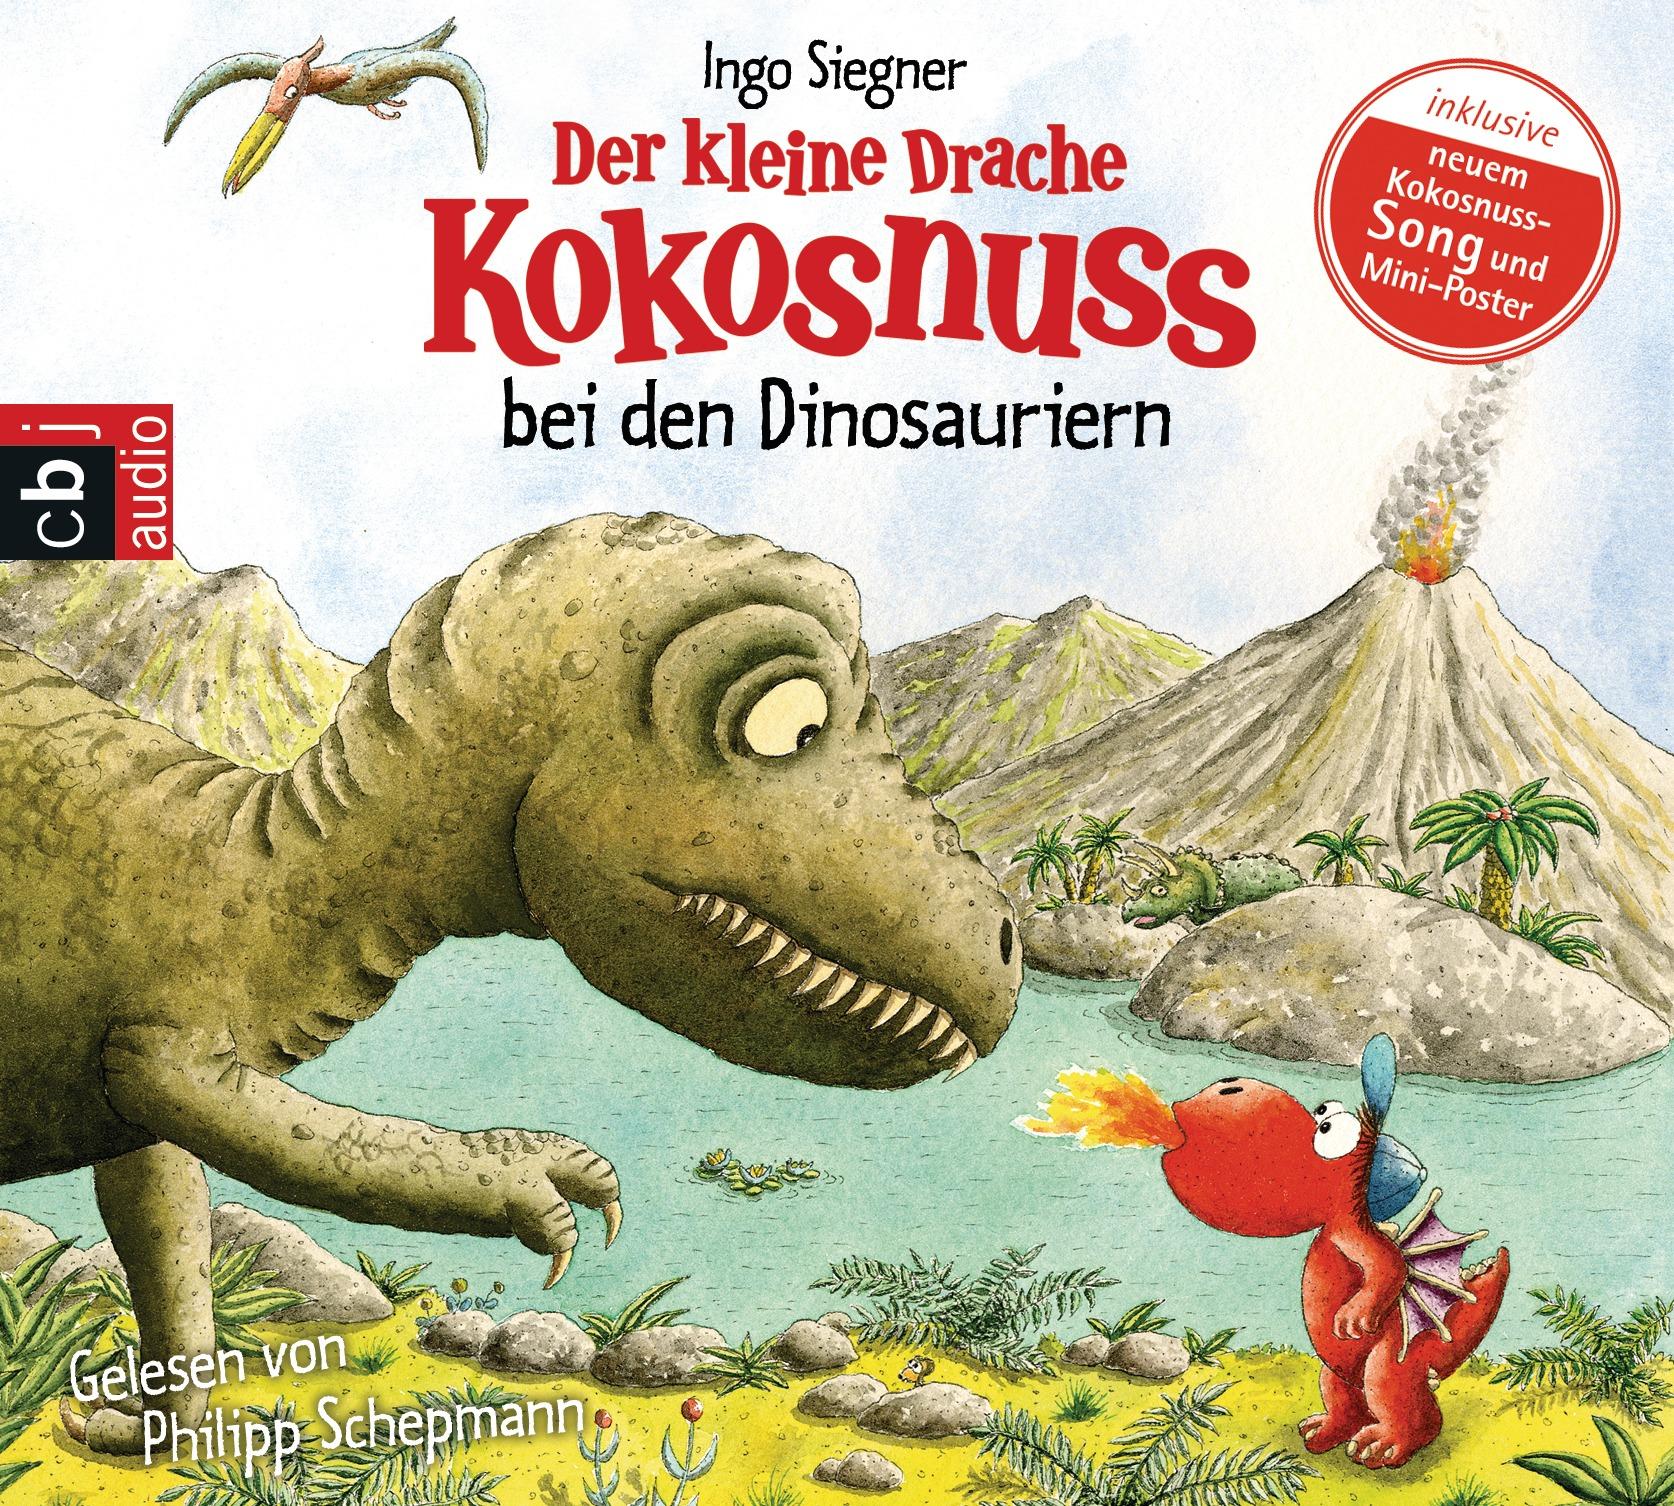 Der kleine Drache Kokosnuss bei den Dinosauriern - Ingo Siegner [Audio CD]